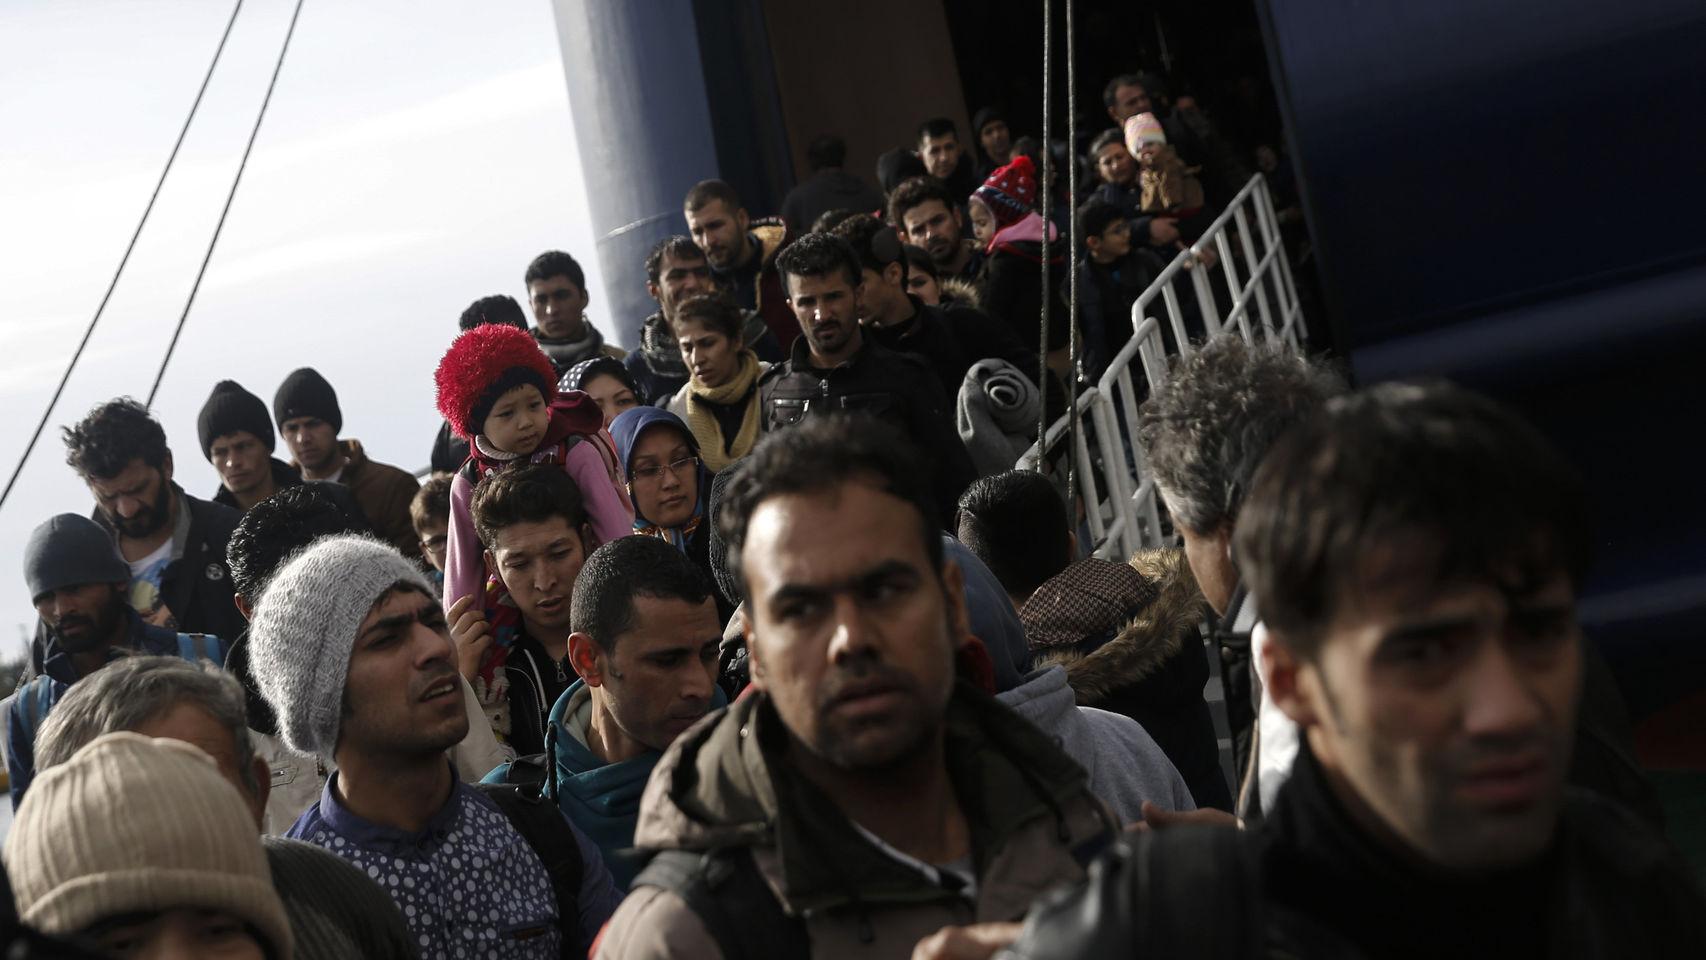 Al menos 200 representantes de distintas religiones enviaron una misiva a la primera ministra de Reino Unido para agilizar el proceso de concesión de asilo